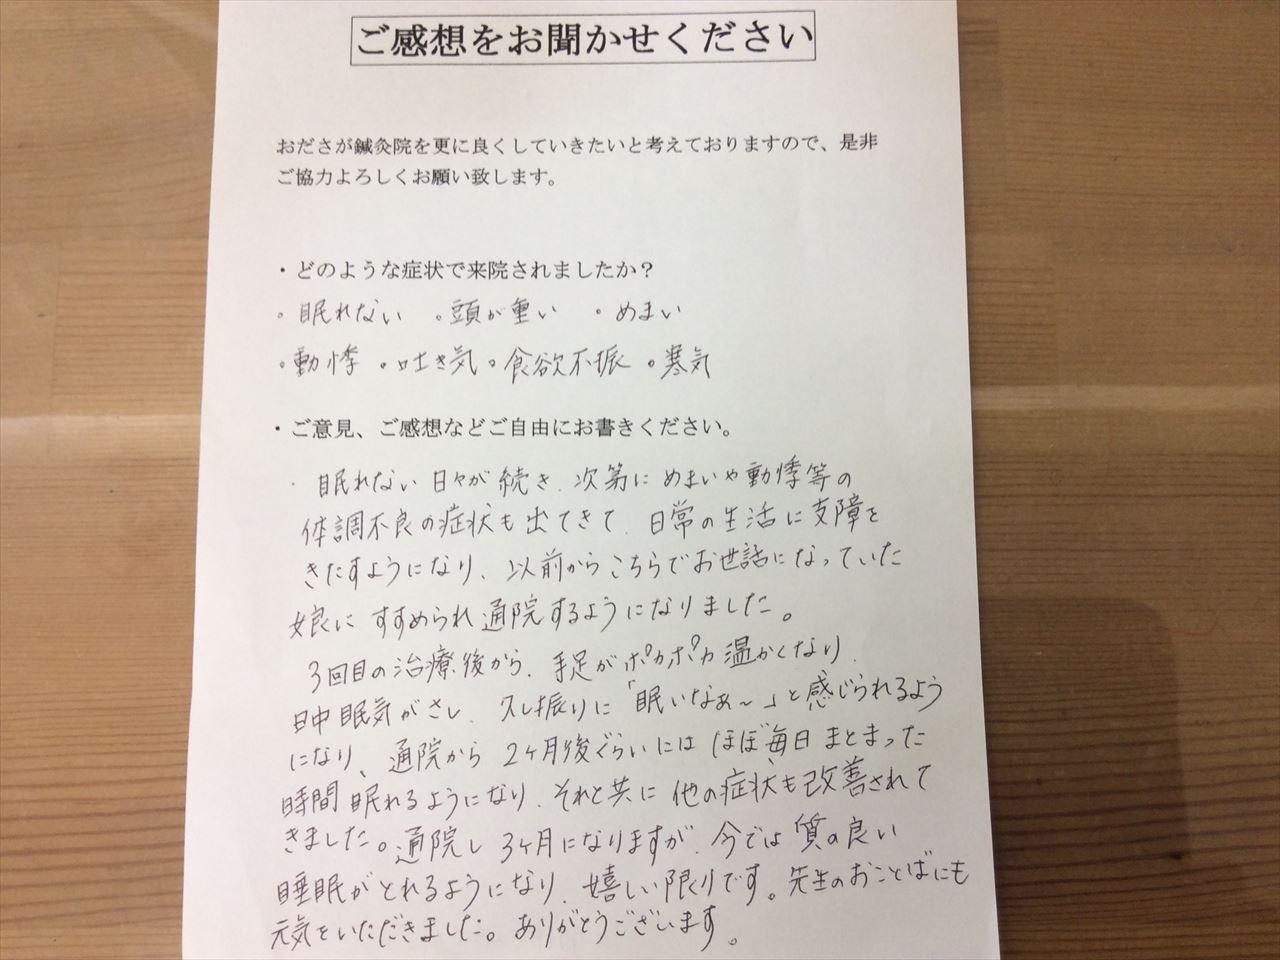 患者からの 手書手紙 岩手県 不眠、動悸、めまい